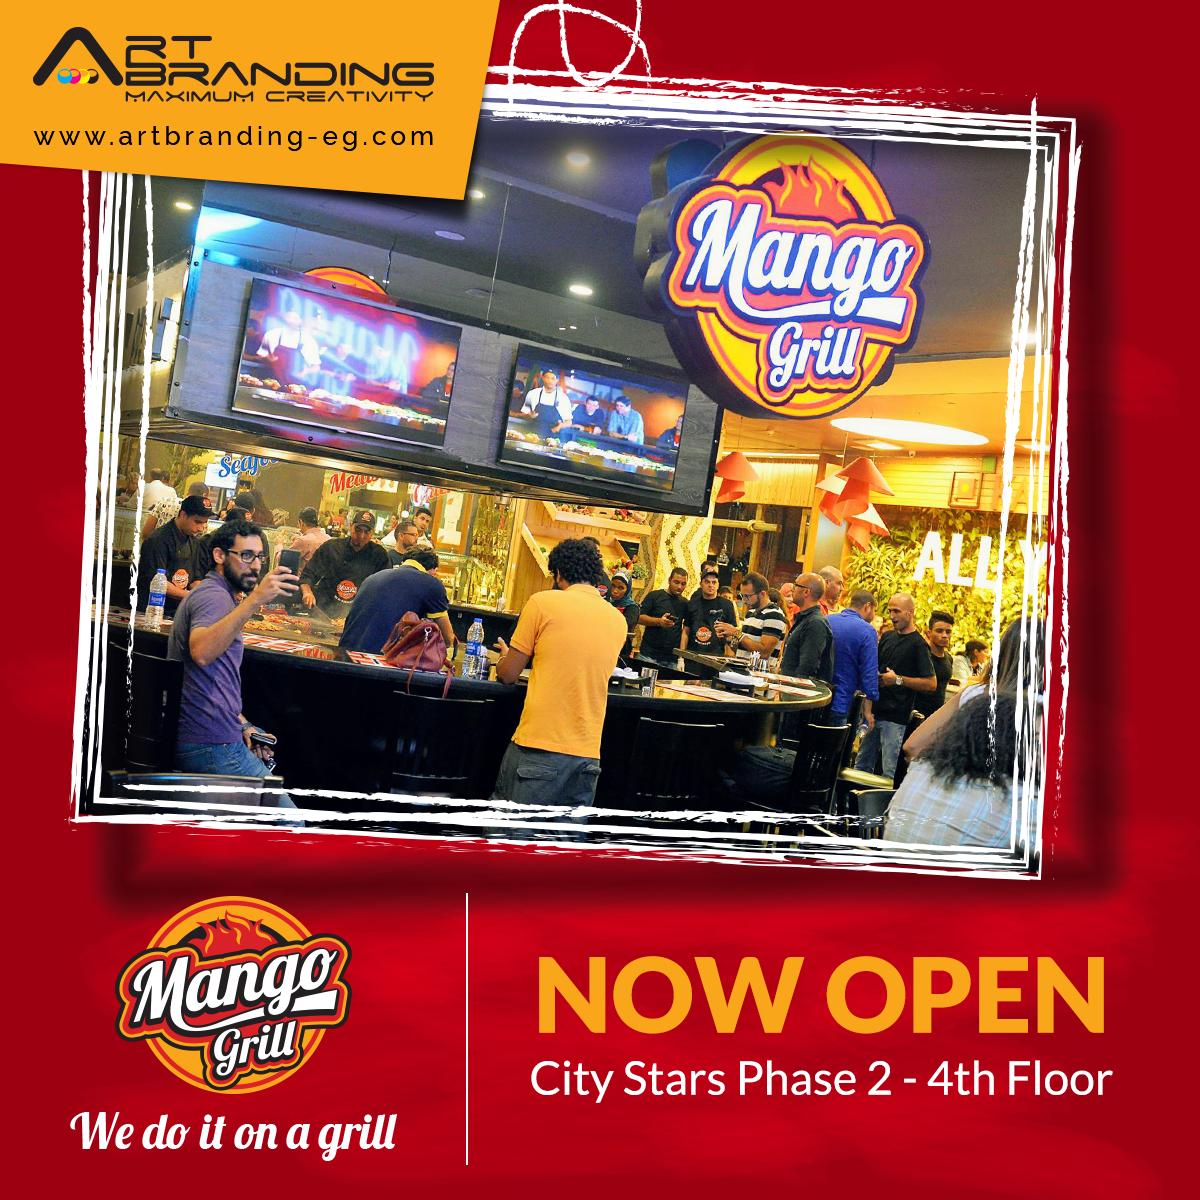 دلوقتي تقدر تشوف أعمالنا علي أرض الواقع أخر أعمالنا Mango Grill وهتلاقيه دلوقتي في City Stars Phase 2 4th Floor صمننا اللوجو Mango Grill Grilling Flooring